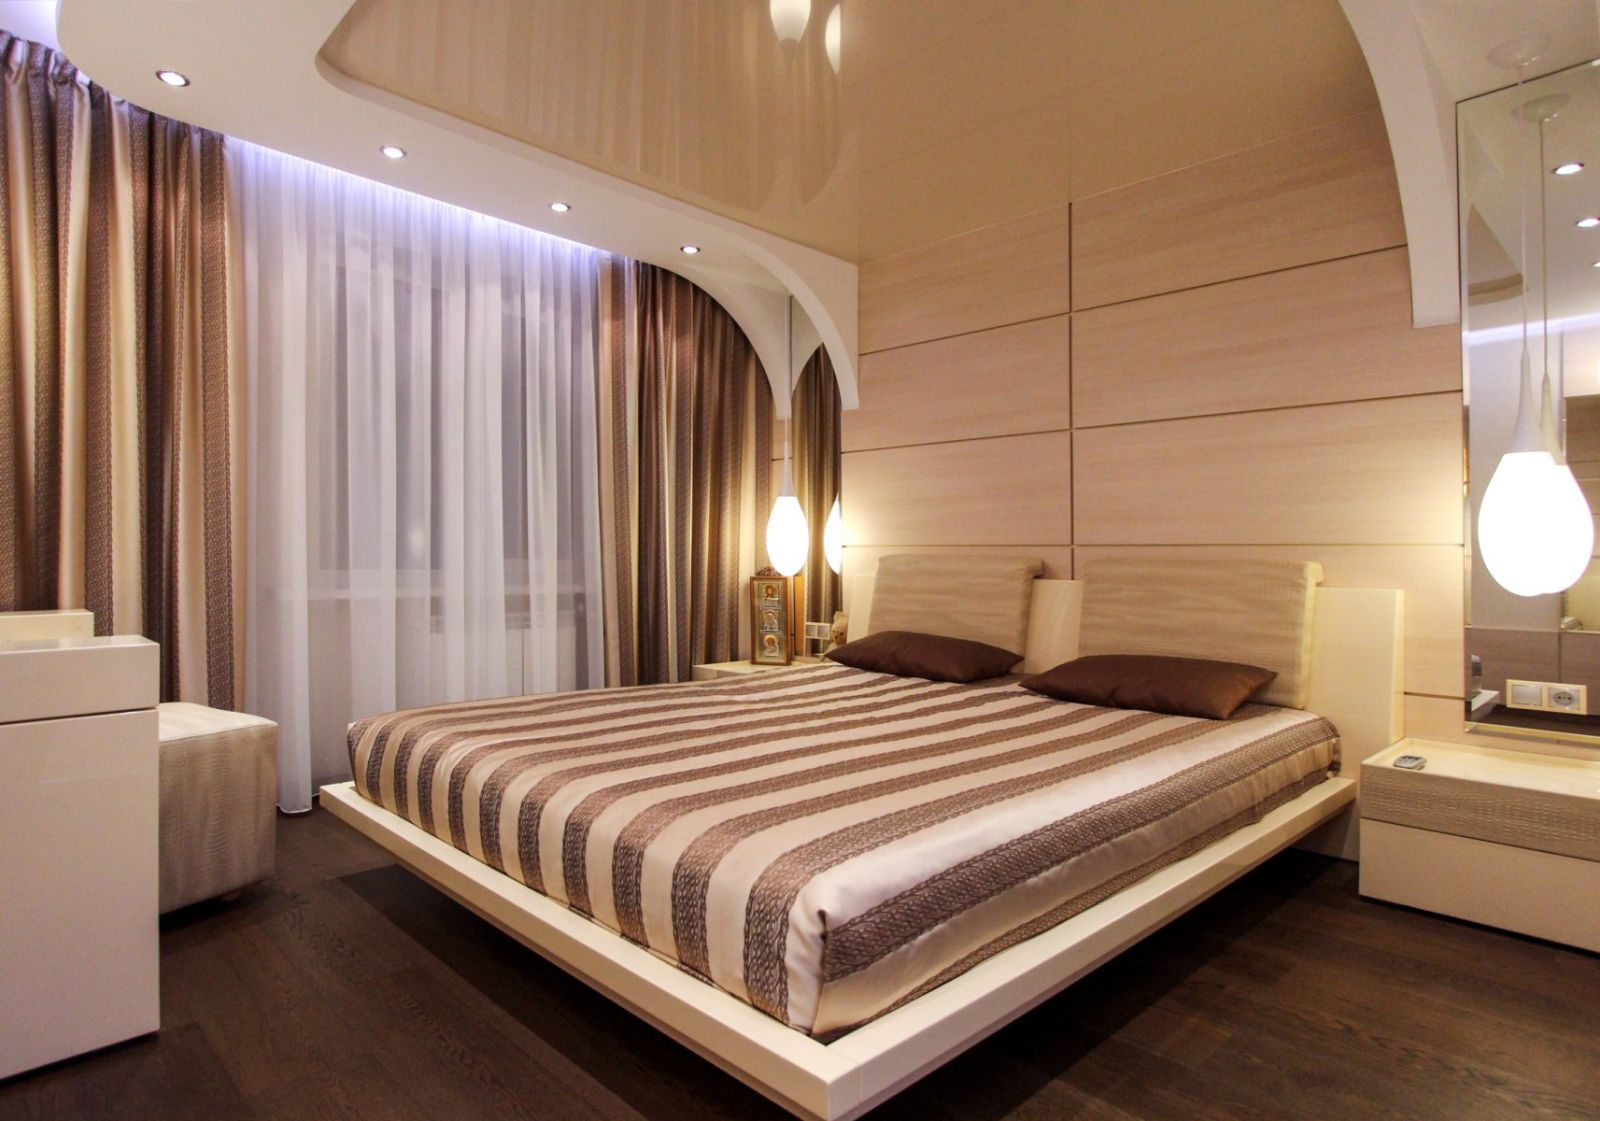 все варианты натяжных потолков для спальни фото ролью